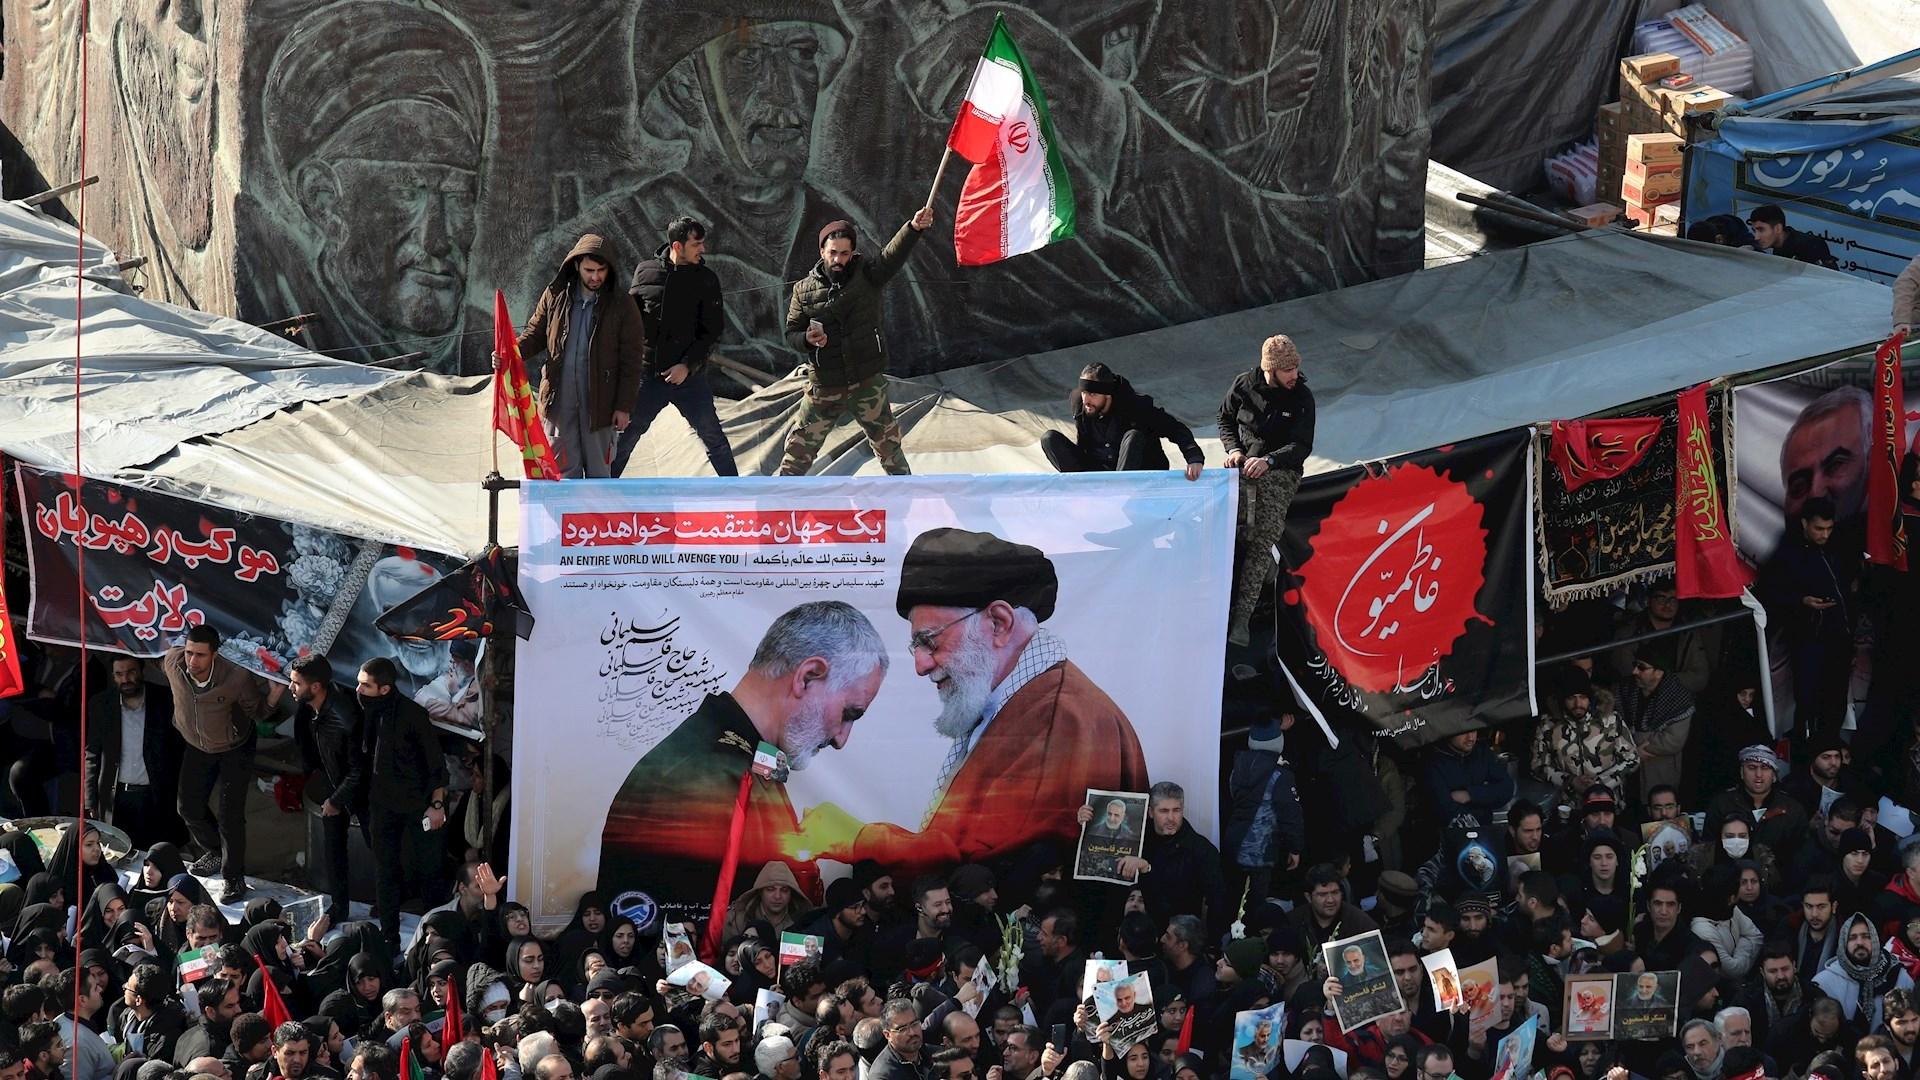 Ceremonia fúnebre para el comandante de la Fuerza Quds Qasem Soleimani en Teherán, Irán. Foto de EFE / EPA / ABEDIN TAHERKENAREH